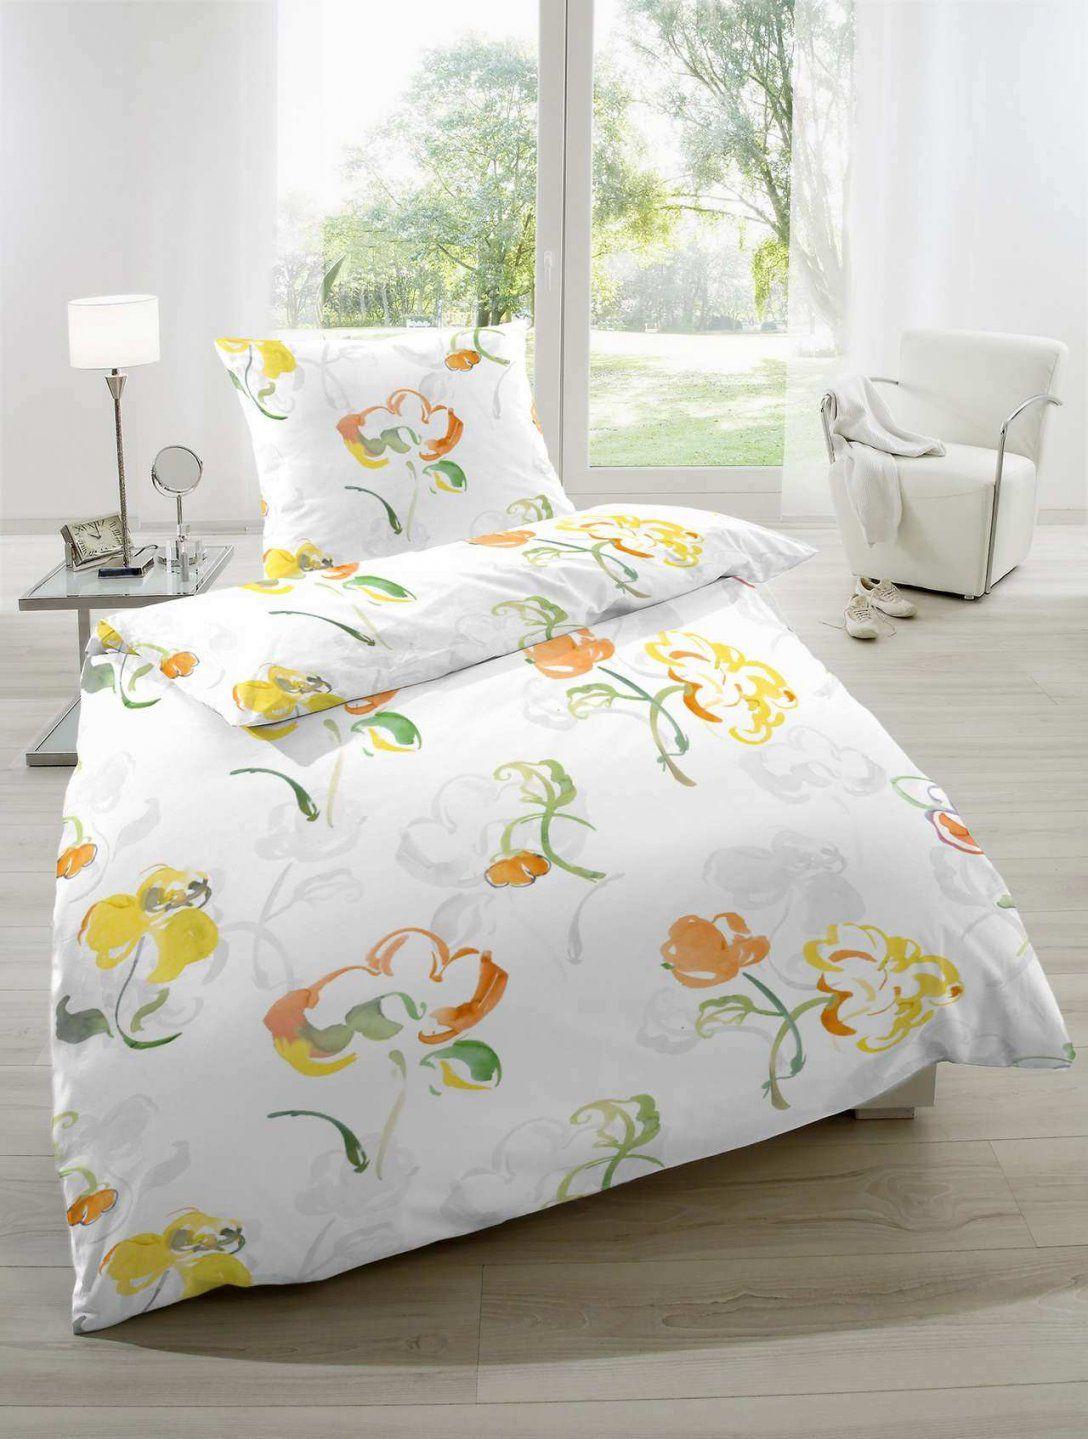 Seersucker Bettwäsche 135X200 Cm Blumen Weiß Gelb  Magita von Microfaser Seersucker Bettwäsche 155X220 Photo